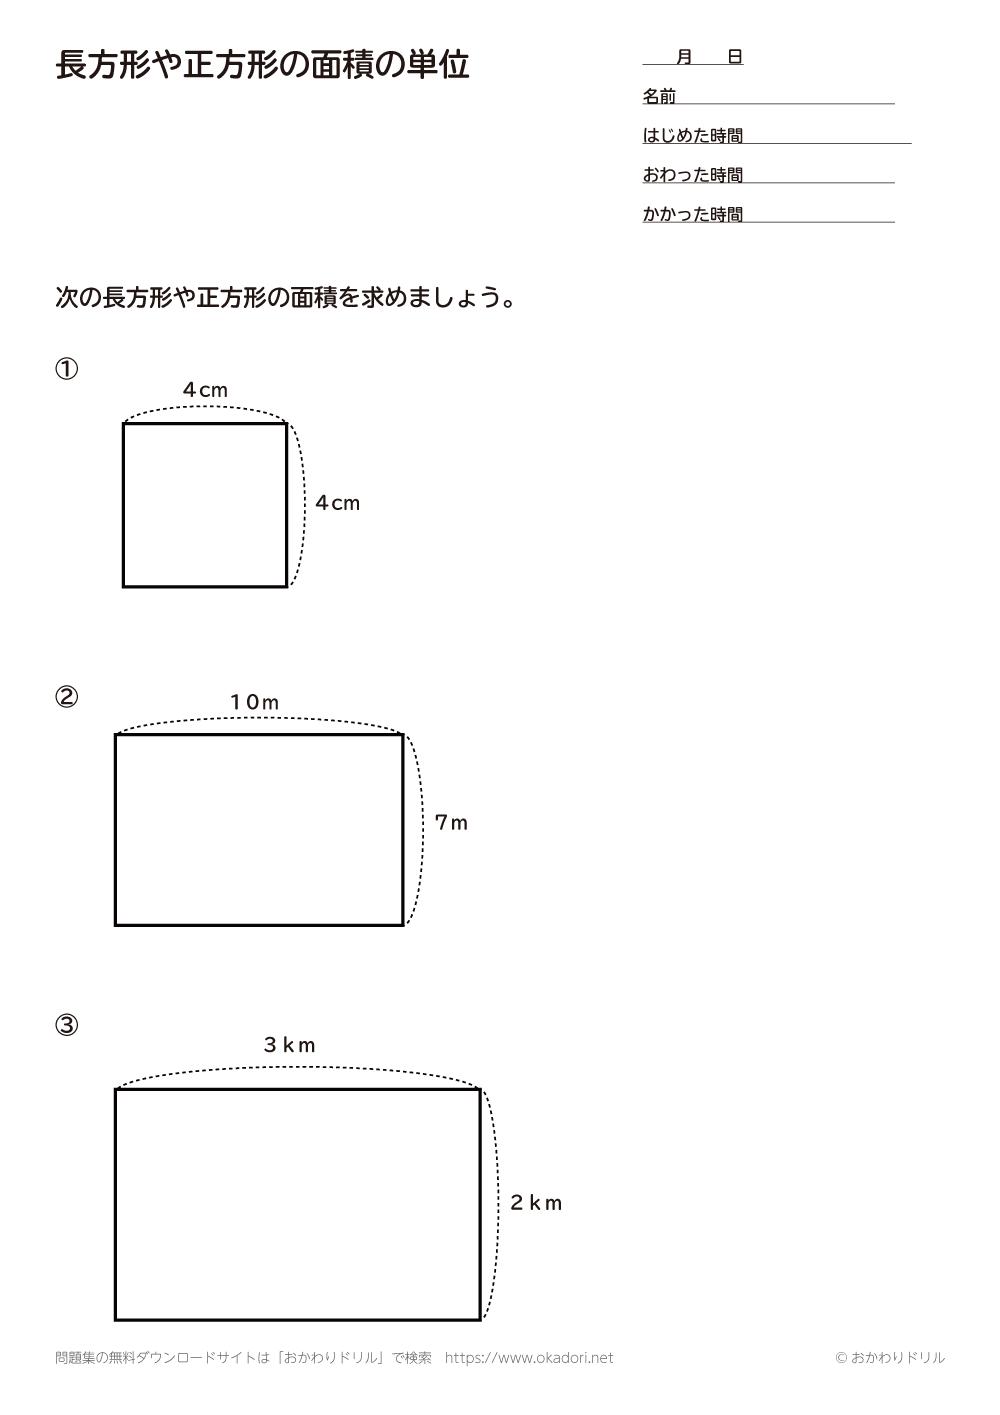 長方形や正方形の面積の単位1